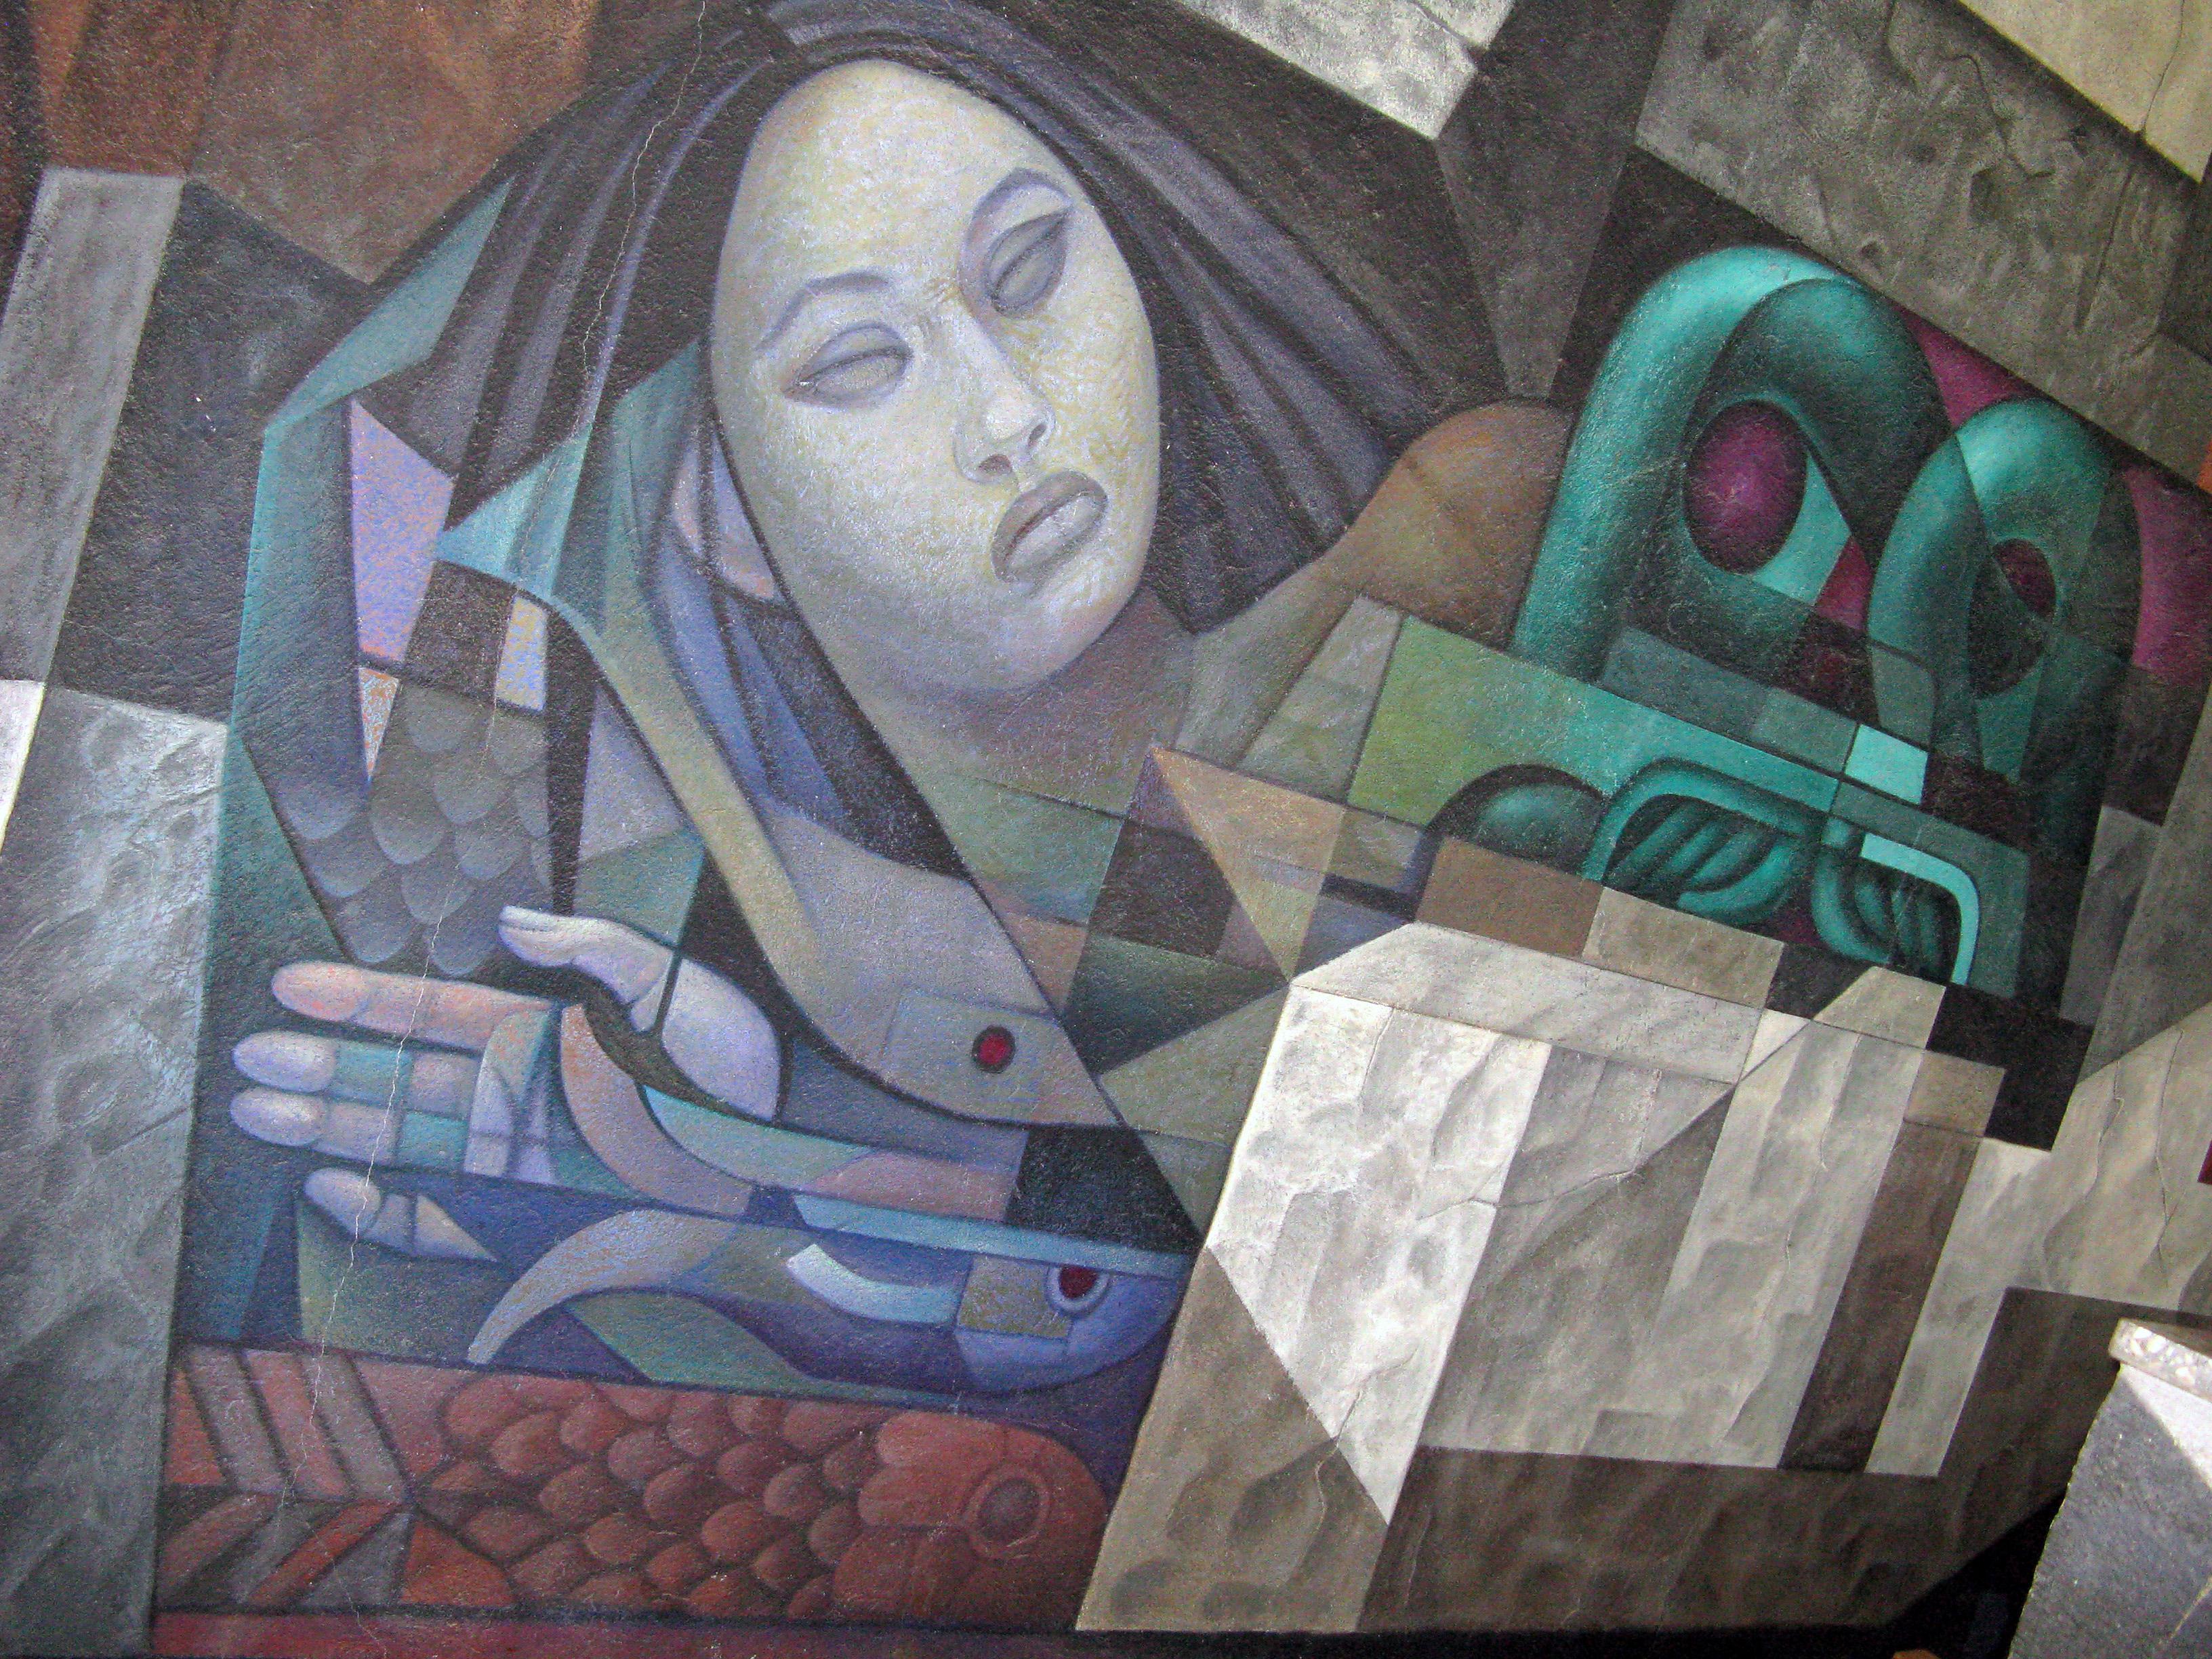 Casa del arte for Arte mural mexicano